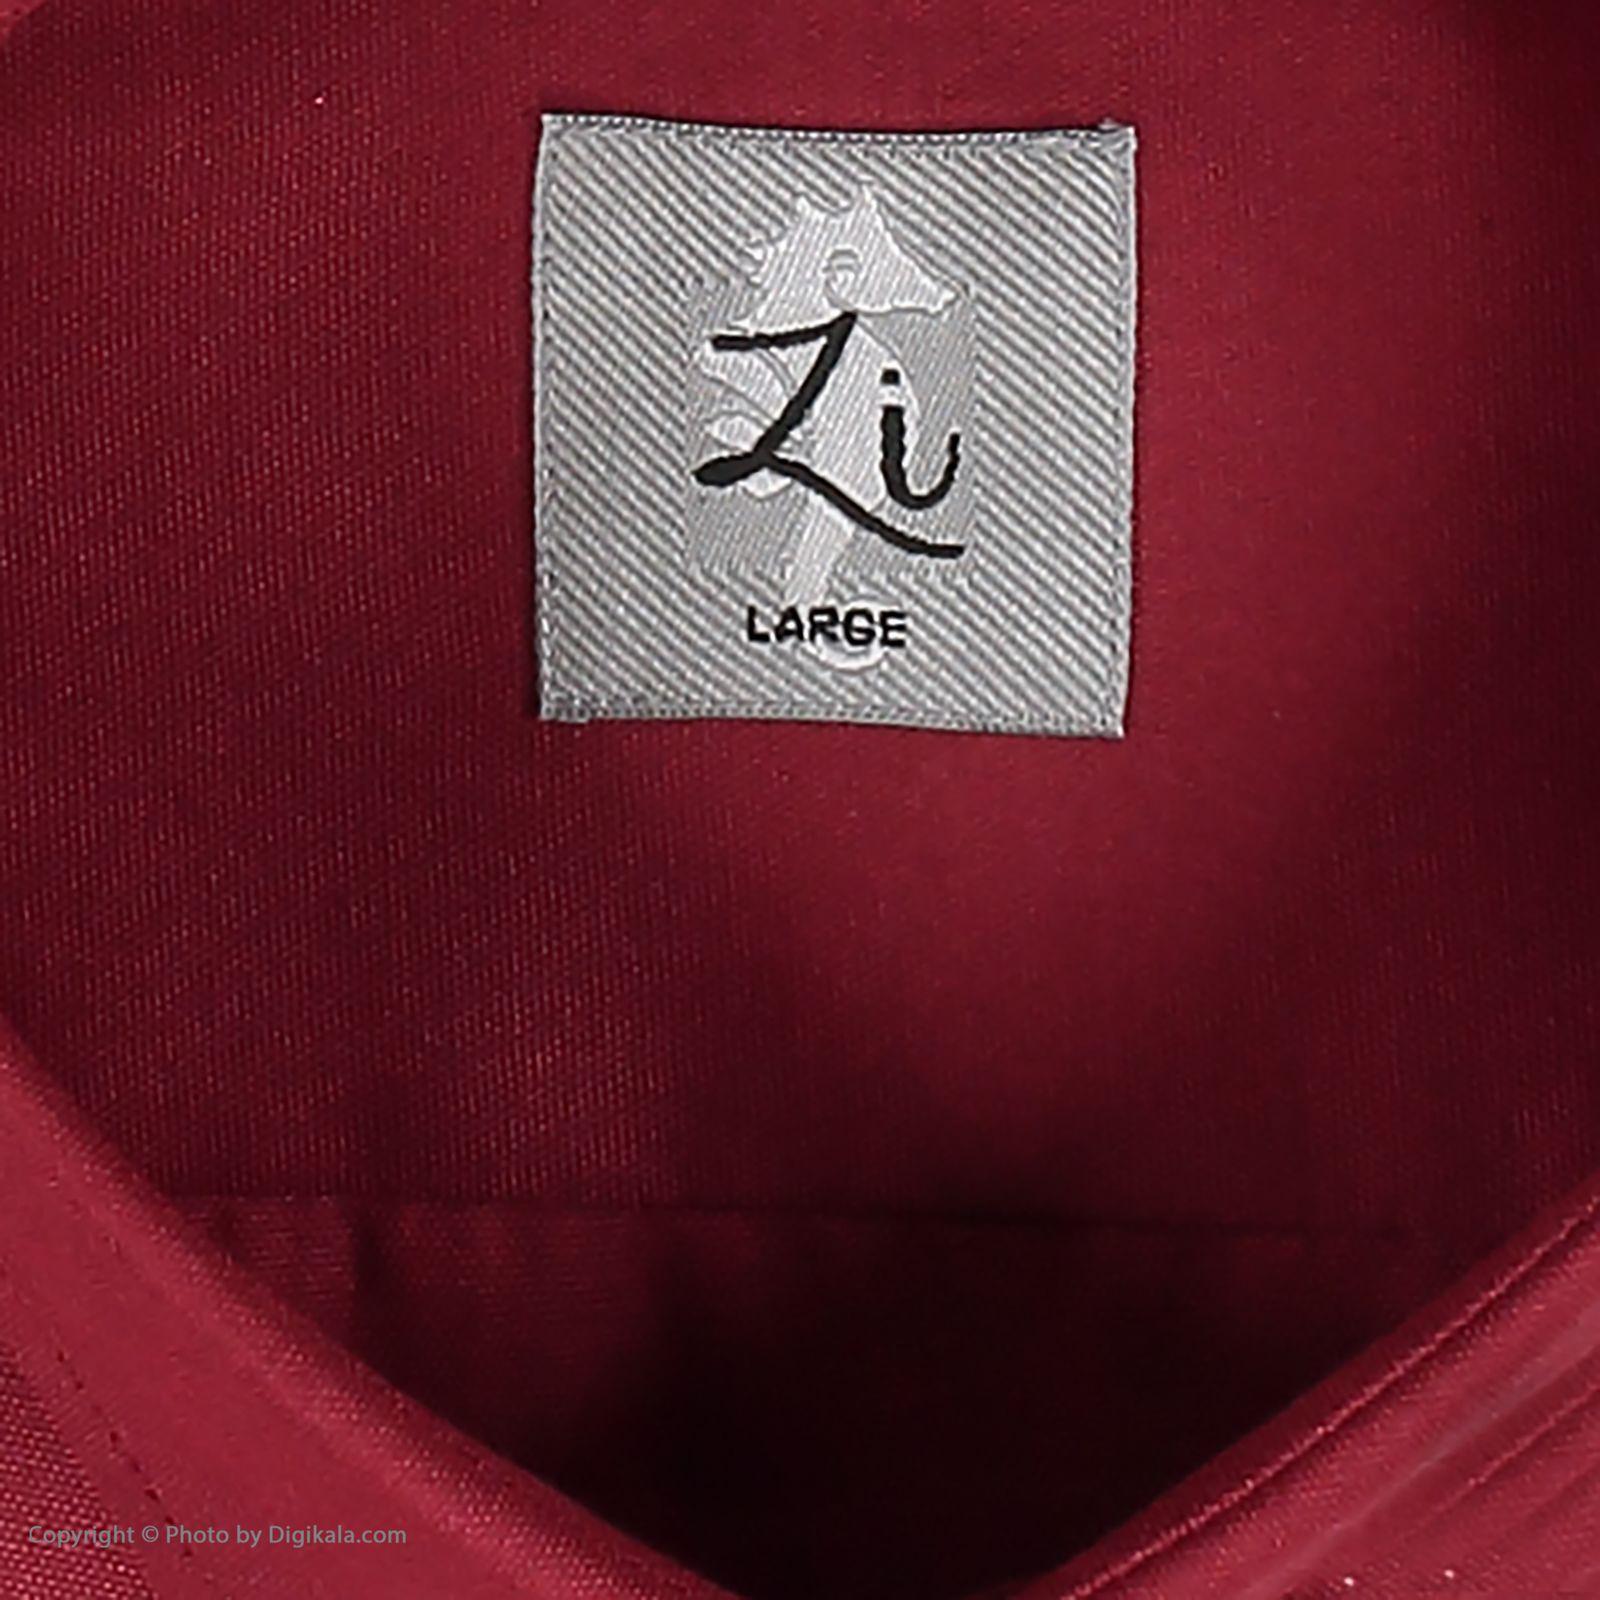 پیراهن مردانه زی مدل 153119770 -  - 5